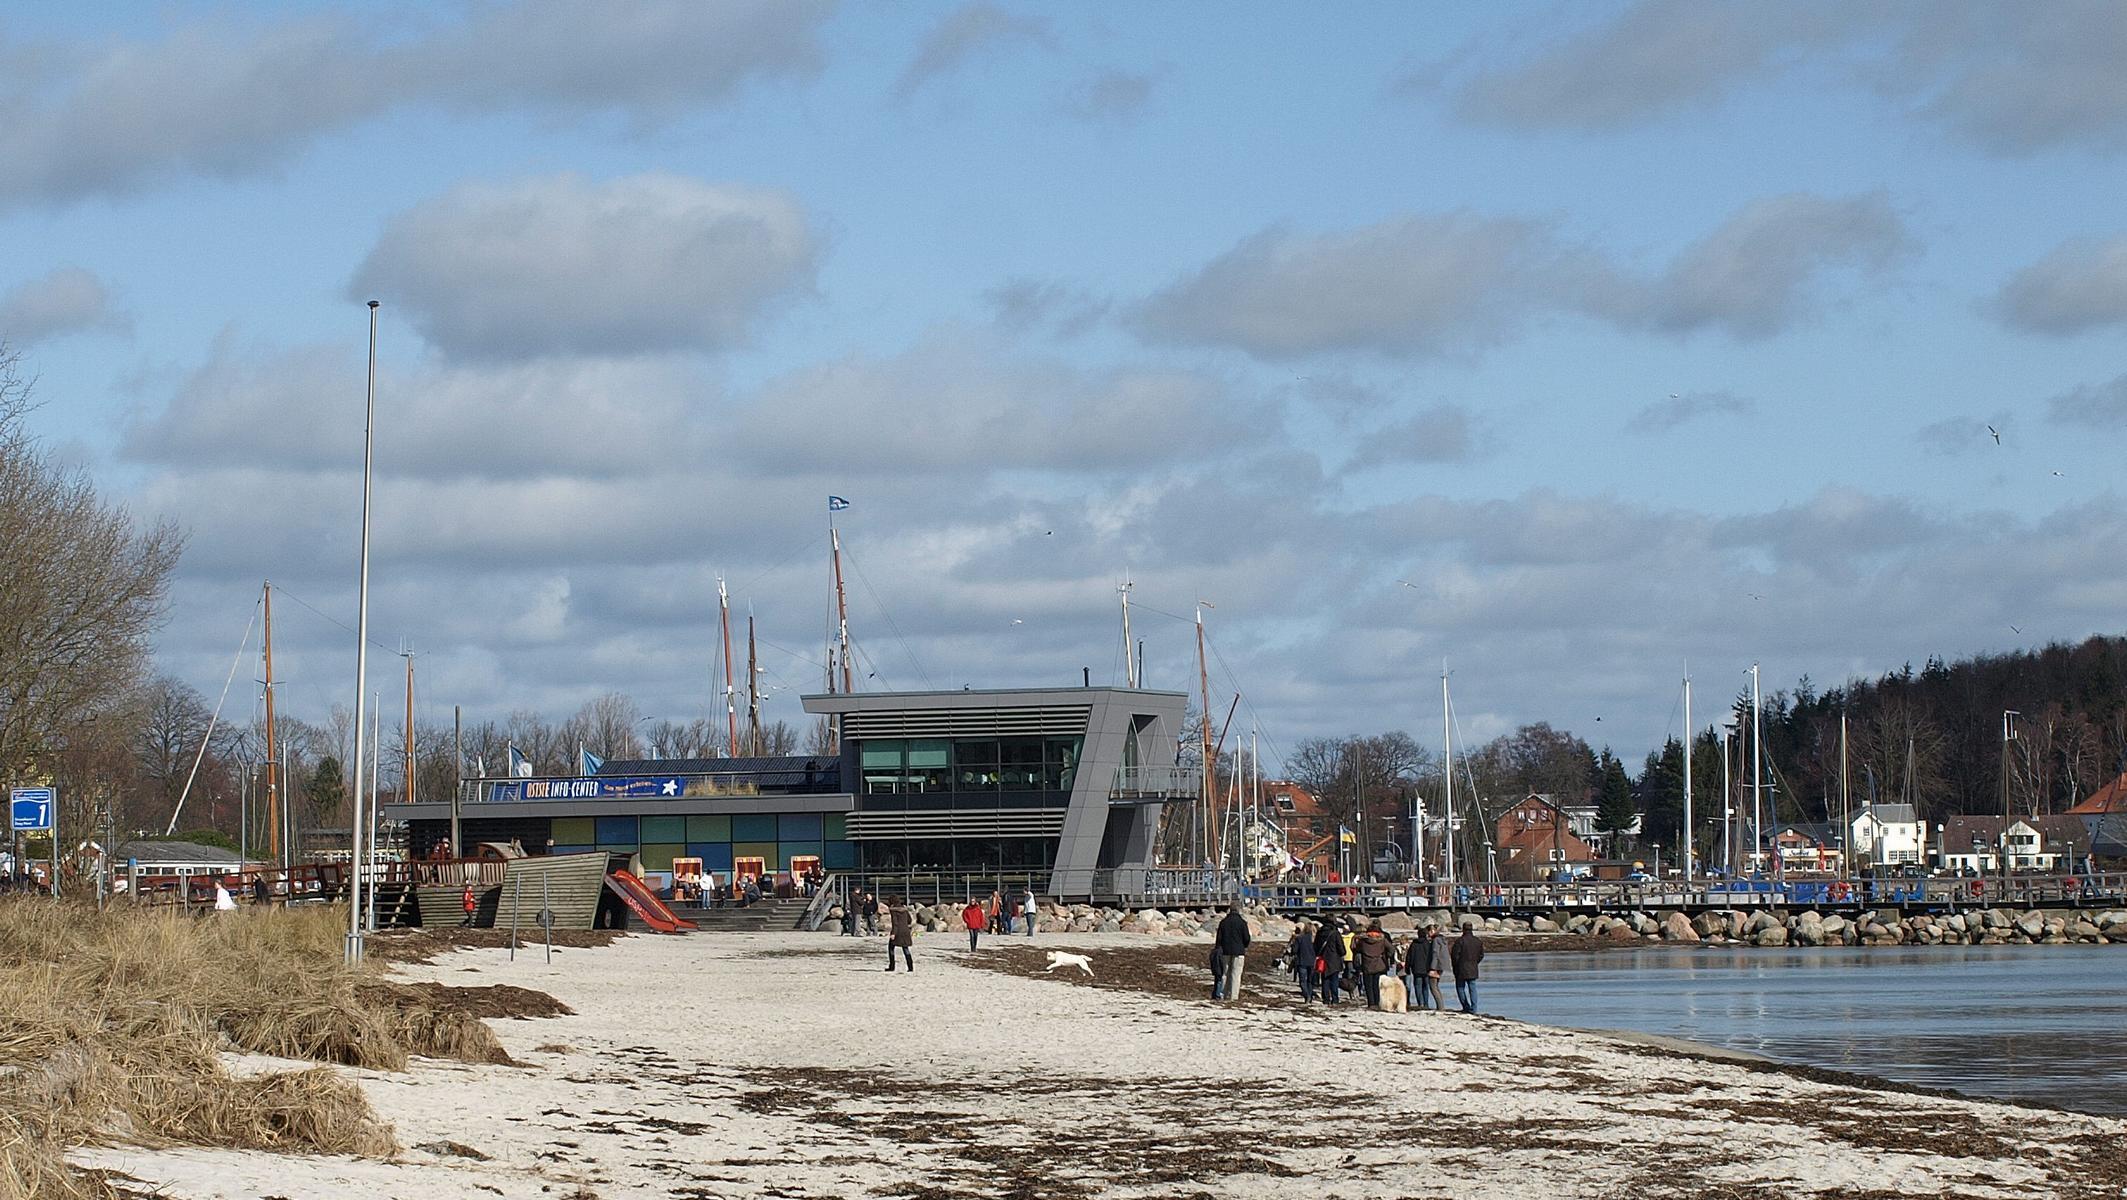 Ostsee Information center 2